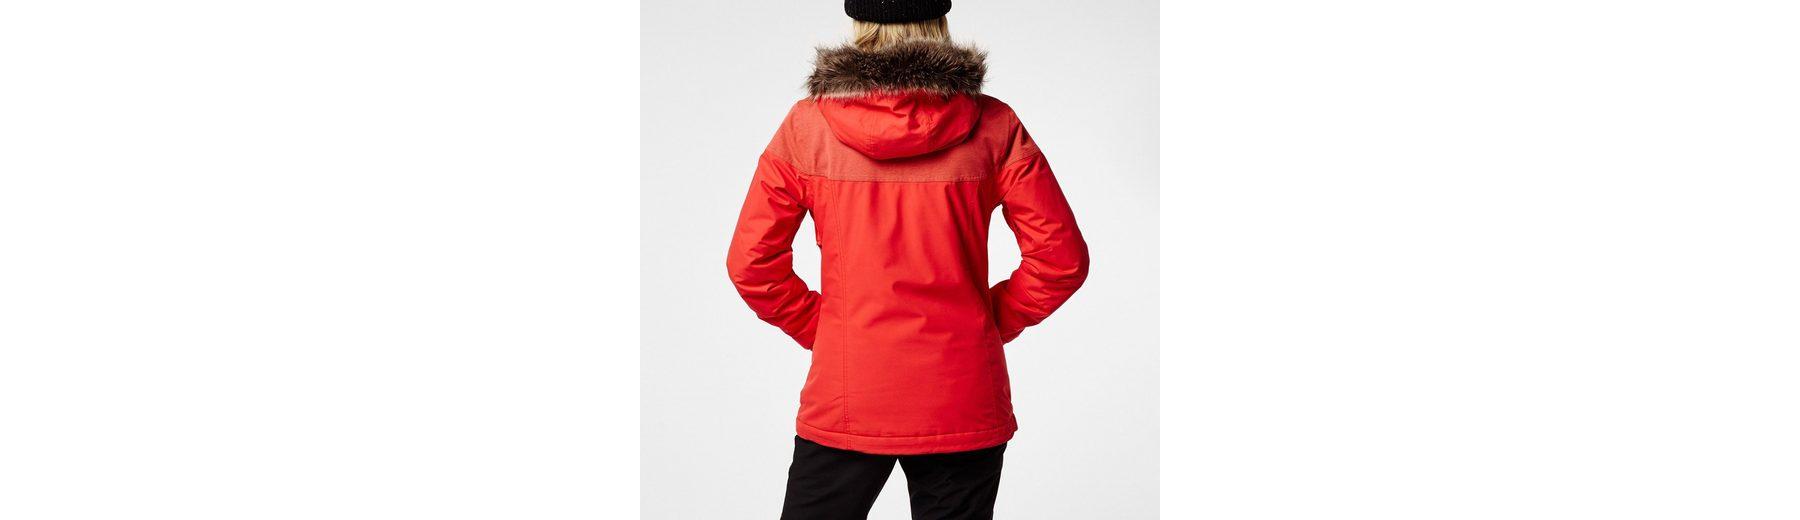 O'Neill Wintersportjacke Signal Für Billigen Rabatt Wie Viel Steckdose Kostengünstig Hohe Qualität Günstig Online Große Überraschung oDoRHn